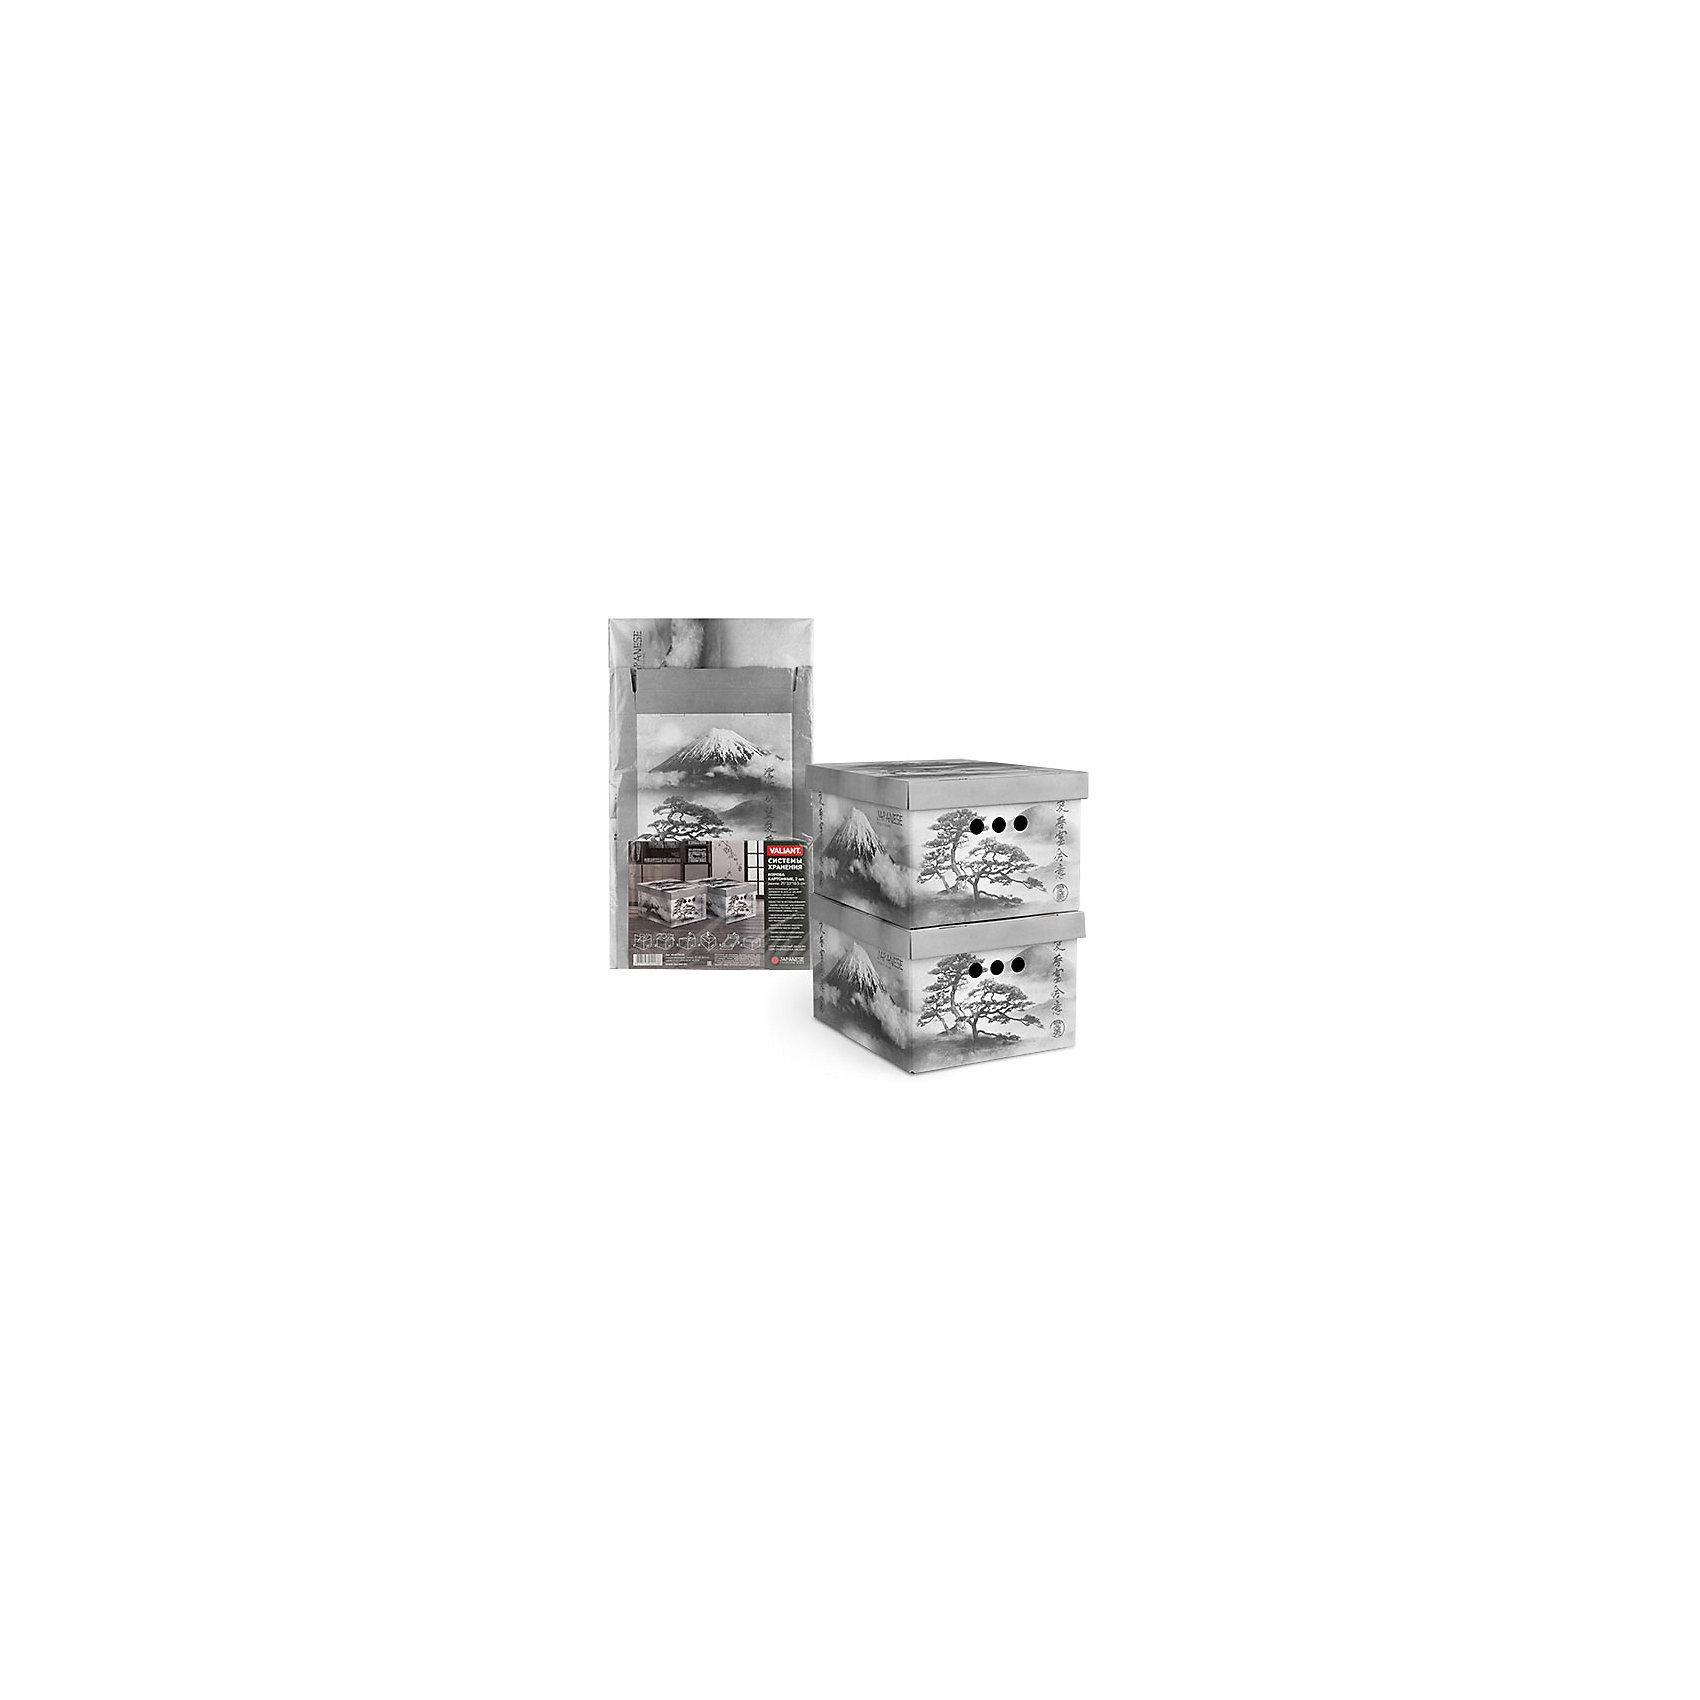 Короб картонный, складной, малый, 25*33*18.5 см, 2 шт., JAPANESE BLACK, ValiantПорядок в детской<br>Короб картонный, складной, малый, 25*33*18.5 см, 2 шт., JAPANESE BLACK, Valiant (Валиант) - это идеальное решение для хранения вещей.<br>Складные картонные короба JAPANESE BLACK от Valiant (Валиант) идеально подходят для хранения различных бытовых предметов, аксессуаров и одежды. Они изготовлены микрогофрокартона. Прорезные ручки с двух сторон коробов обеспечивают удобство при переноске. Крышки эстетично закрывает содержимое внутри коробов. Изделия отличаются мобильностью: легко раскладываются и складываются. Короба можно штабелировать. Картонные короба JAPANESE BLACK от Valiant (Валиант) гармонично смотрится в интерьере. Лаконичный и сдержанный дизайн, напоминающий характер самурая, разработан специально для тех, кто предпочитает строгие линии и неяркие практичные цвета.<br><br>Дополнительная информация:<br><br>- В наборе: 2 шт.<br>- Размер: 25х33х18,5 см.<br>- Материал: микрогофрокартон<br>- Цвет: светло-серый<br><br>Короб картонный, складной, малый, 25*33*18.5 см, 2 шт., JAPANESE BLACK, Valiant (Валиант) можно купить в нашем интернет-магазине.<br><br>Ширина мм: 340<br>Глубина мм: 15<br>Высота мм: 580<br>Вес г: 425<br>Возраст от месяцев: 36<br>Возраст до месяцев: 1080<br>Пол: Унисекс<br>Возраст: Детский<br>SKU: 4993431